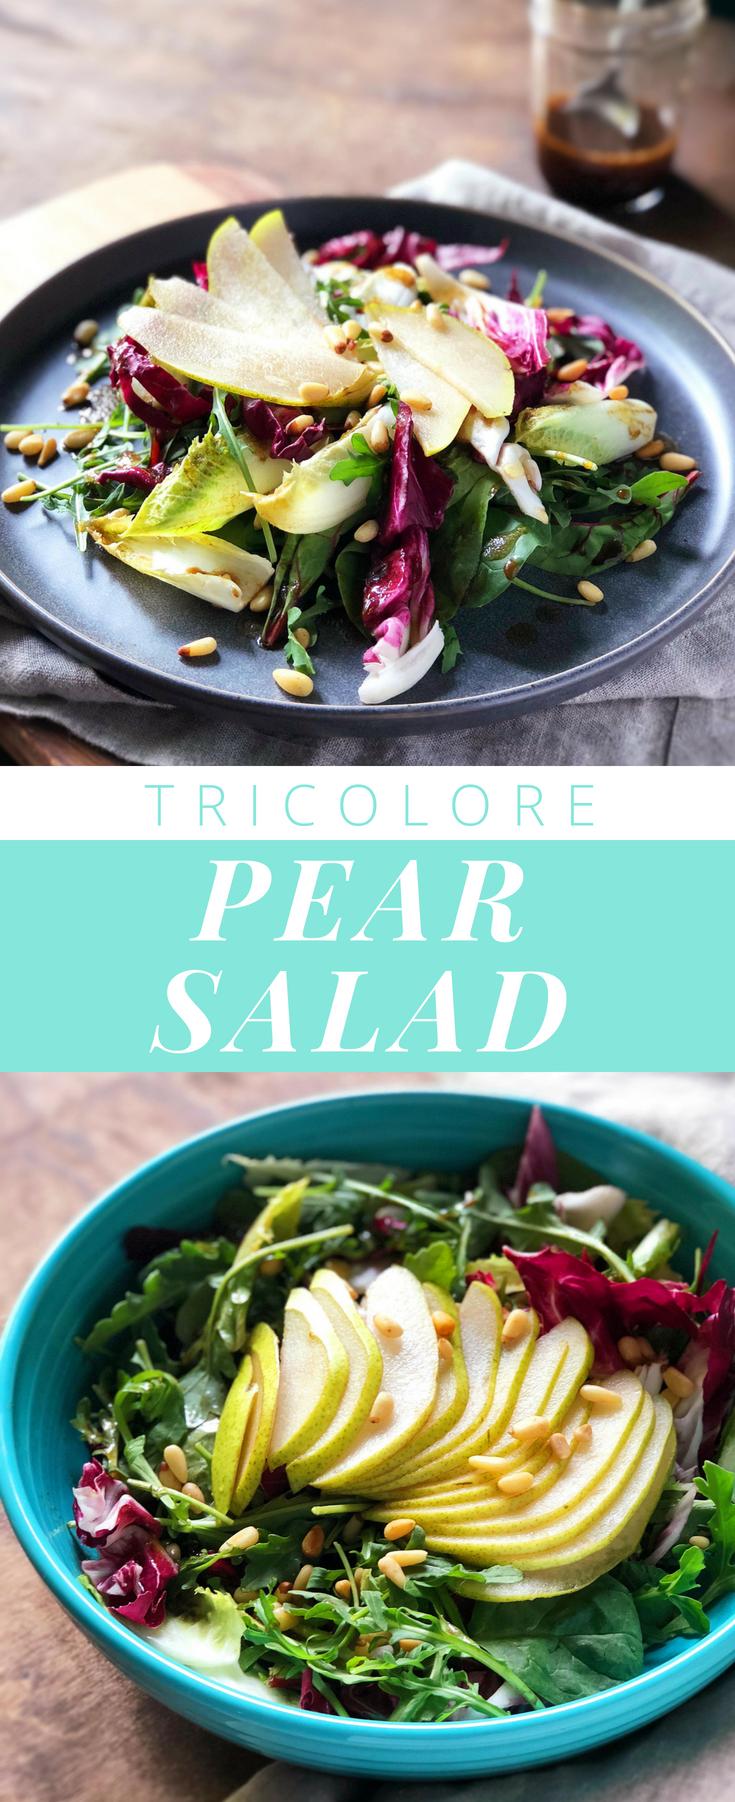 tricolore-pear-salad-pin